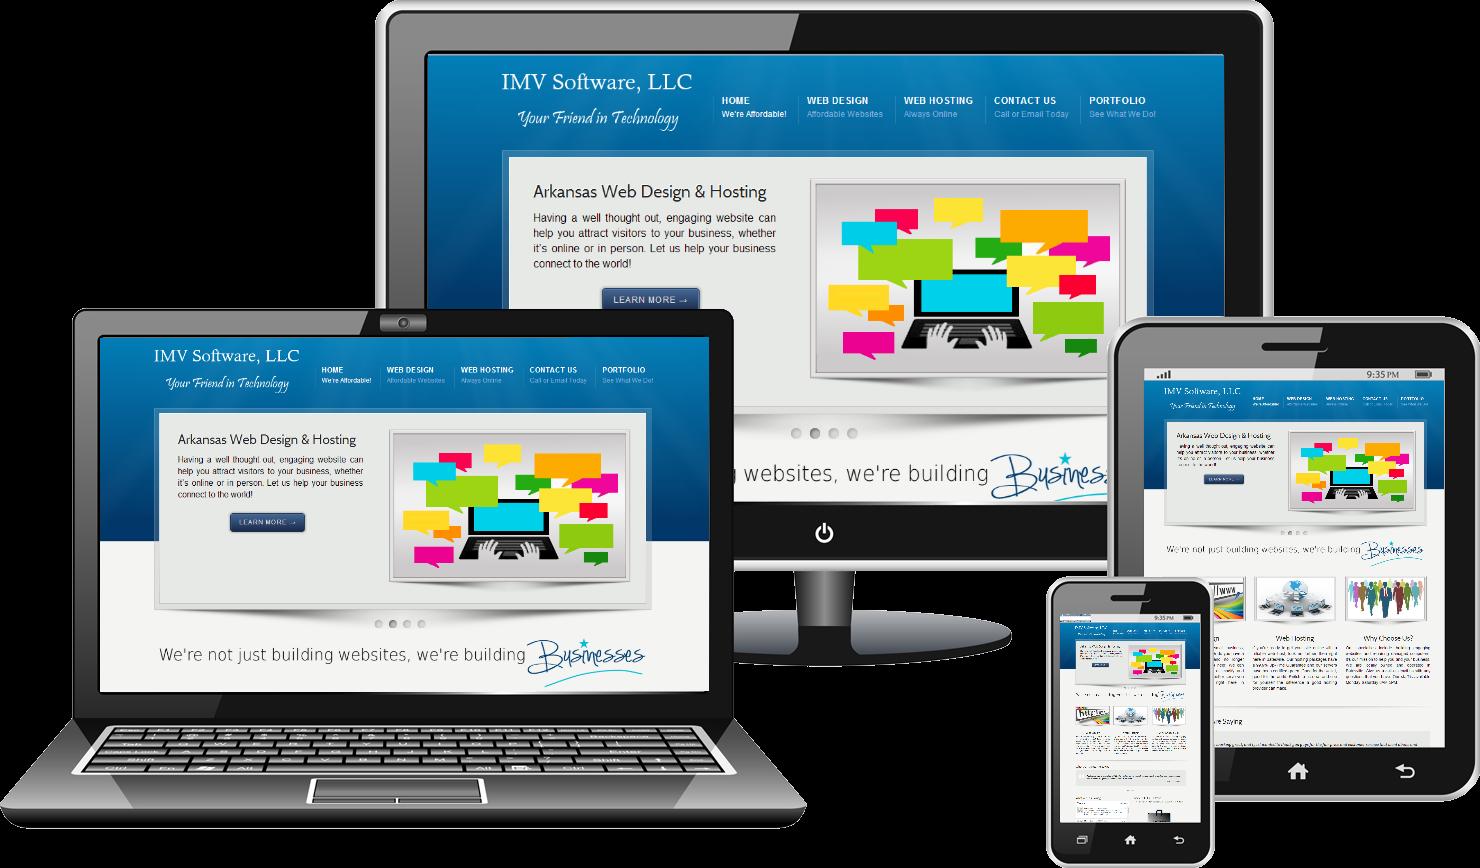 10 đơn vị thiết kế website khách sạn, nhà nghỉ, homestay chuyên nghiệp, giá rẻ